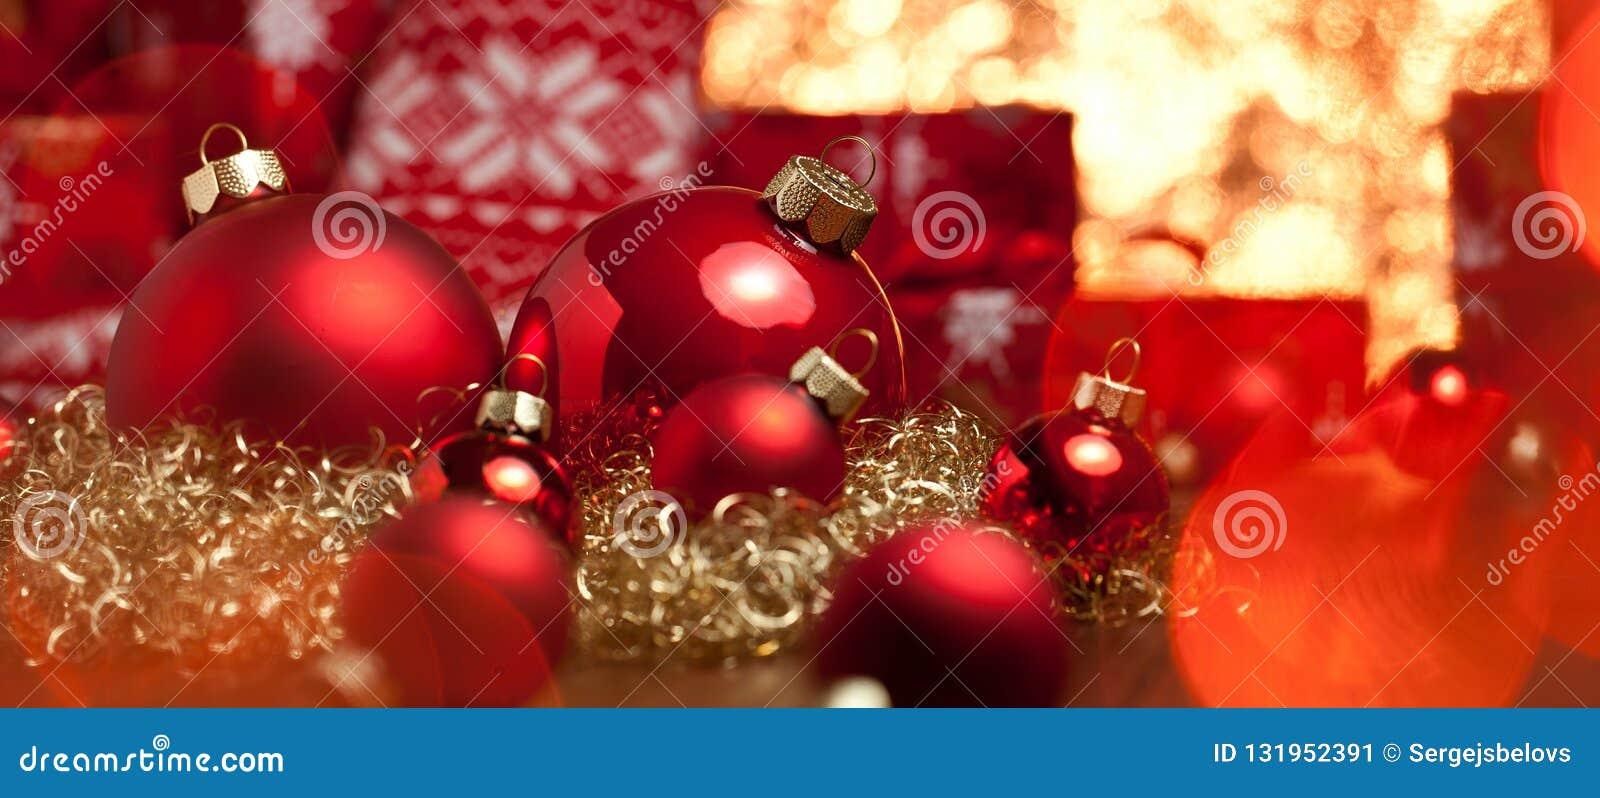 Красные подарки украшения рождества и deco рождественской елки